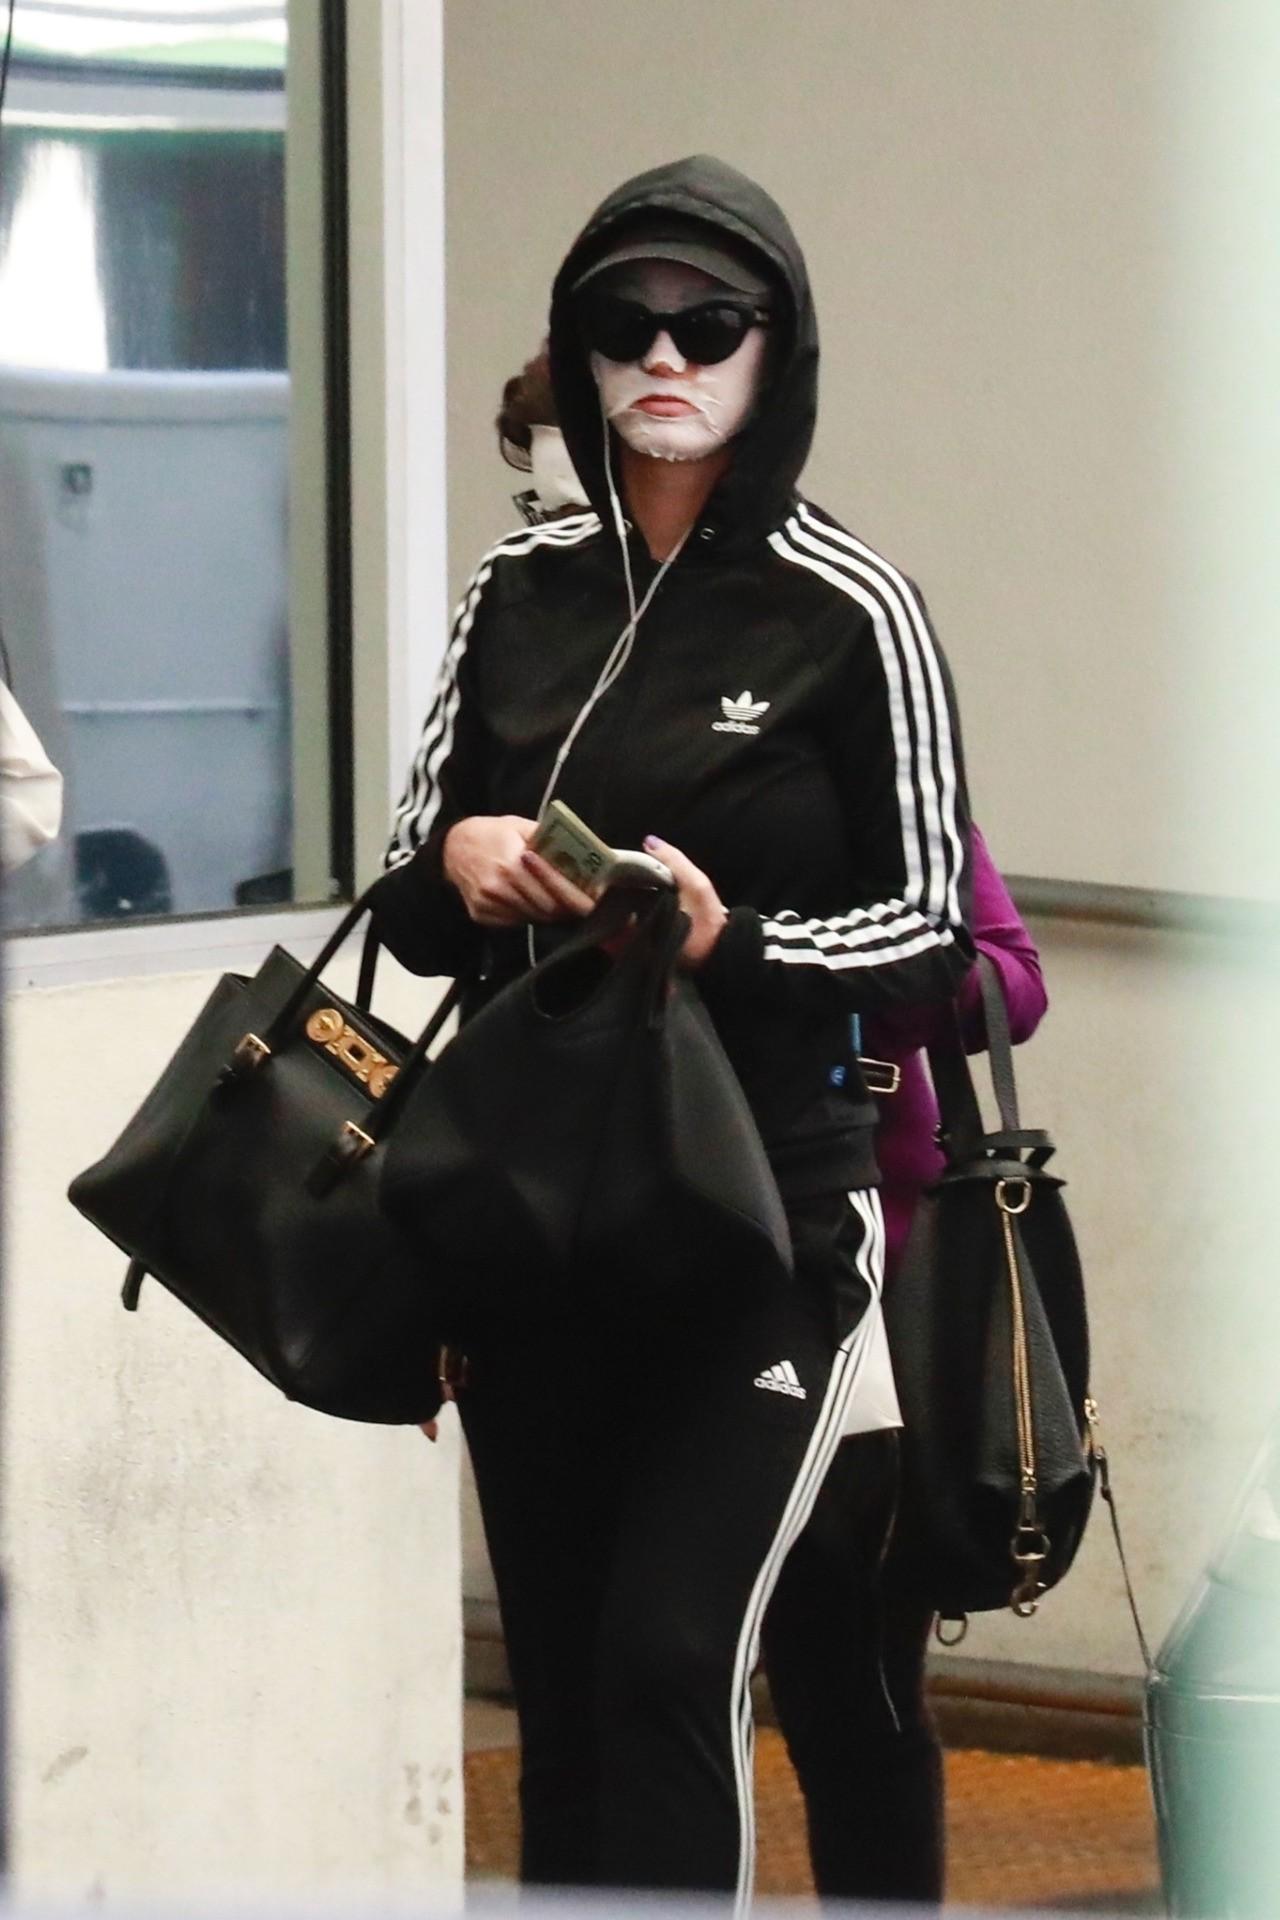 Chăm da chẳng kém Phạm Băng Băng, Katy Perry đã đạt đến cảnh giới: ra đường cũng đắp mặt nạ - Ảnh 2.